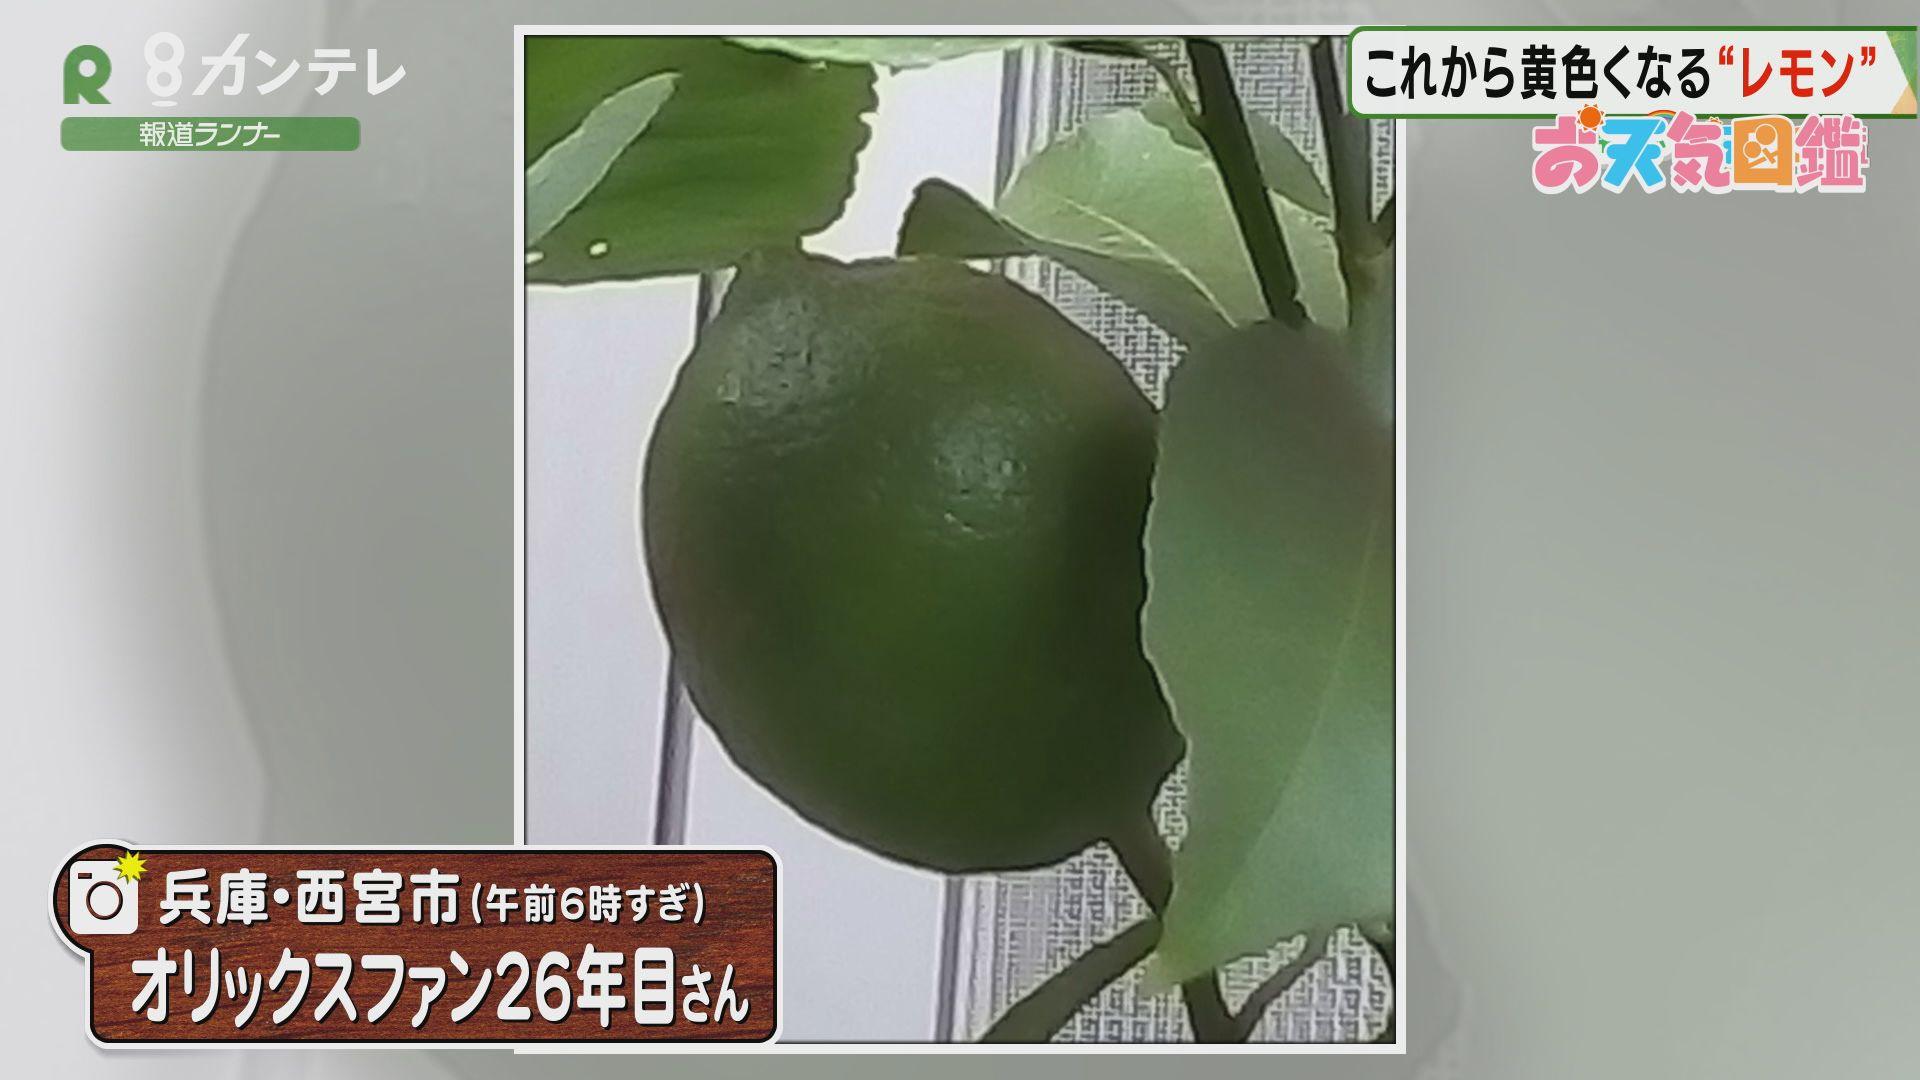 「レモンの旬は?」(兵庫・西宮市)